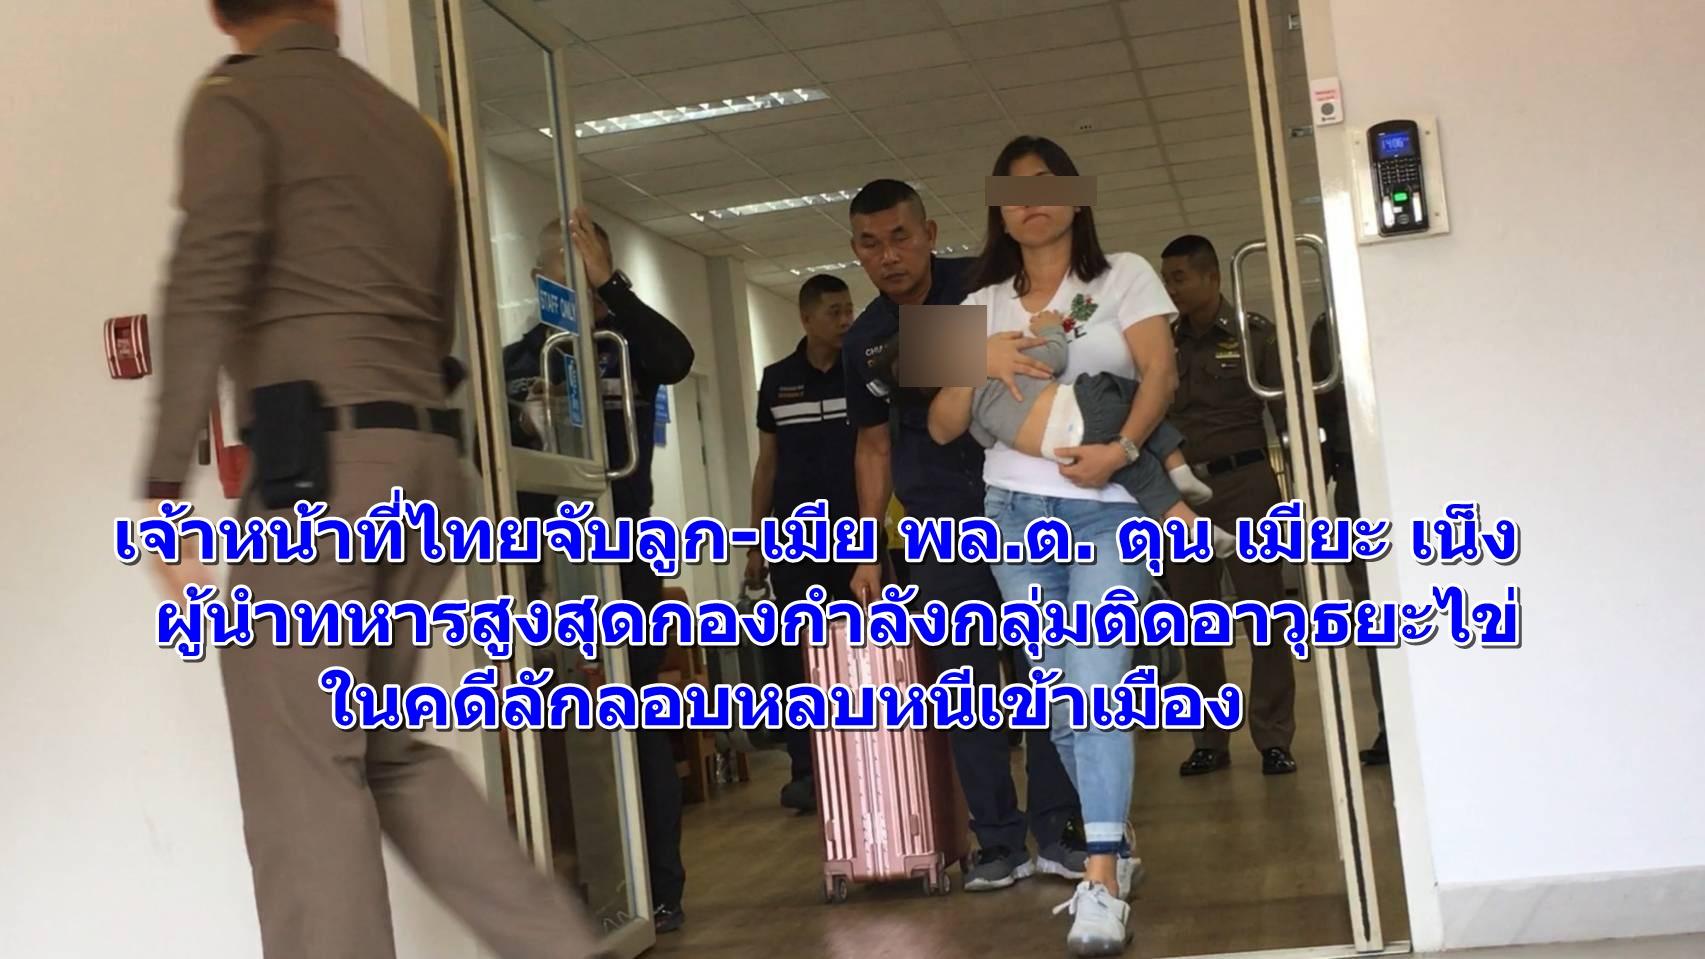 เจ้าหน้าที่ไทยจับลูก-เมีย พล.ต. ตุน เมียะ เน็ง ผู้นำทหารสูงสุดกองกำลังกลุ่มติดอาวุธยะไข่ ในคดีลักลอบหลบหนีเข้าเมือง